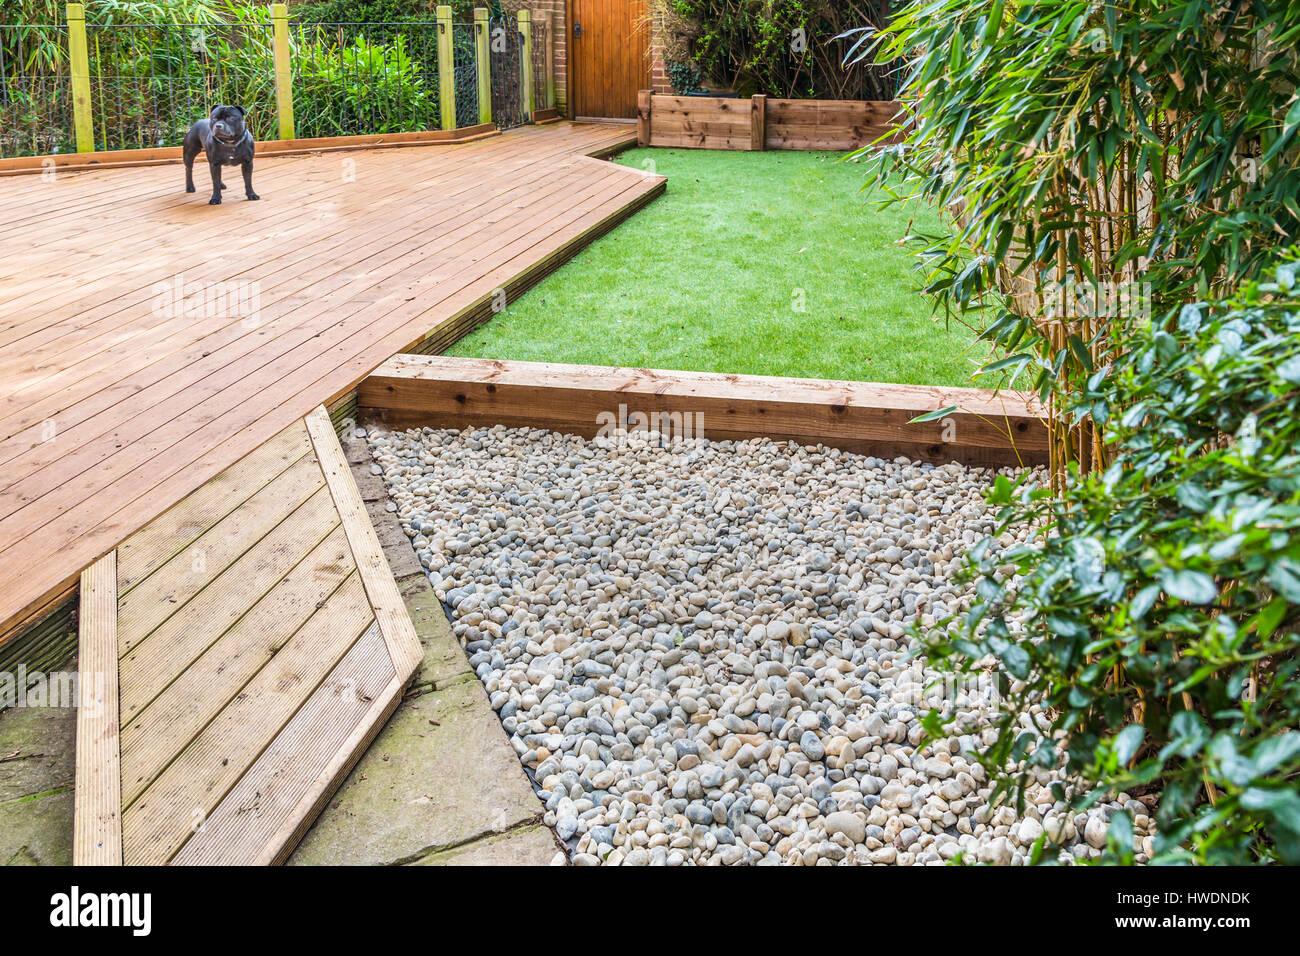 Großartig Garten Terrasse Sammlung Von Ein Ausschnitt Aus Einem Residntial Garten, Mit